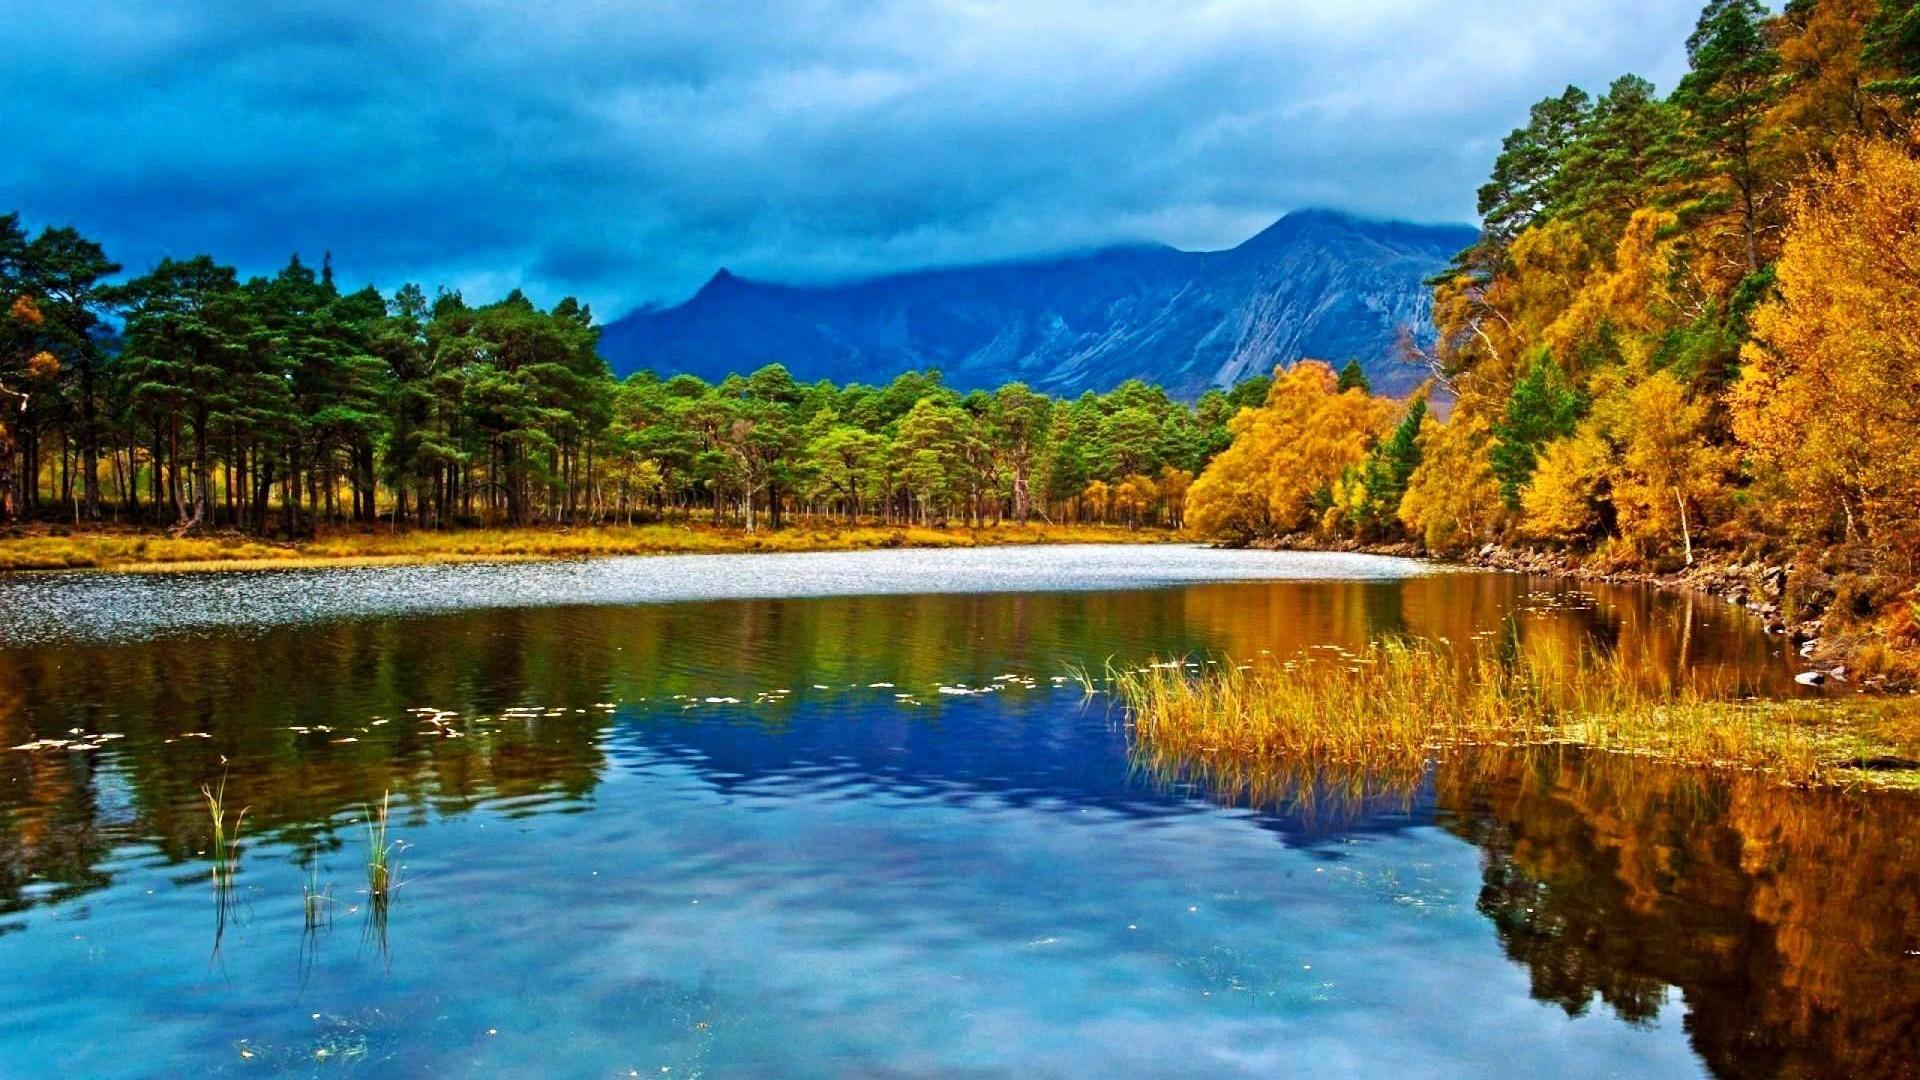 Scottish Landscape Desktop Backgrounds. Scottish Landscape Desktop  Backgrounds 1920×1080